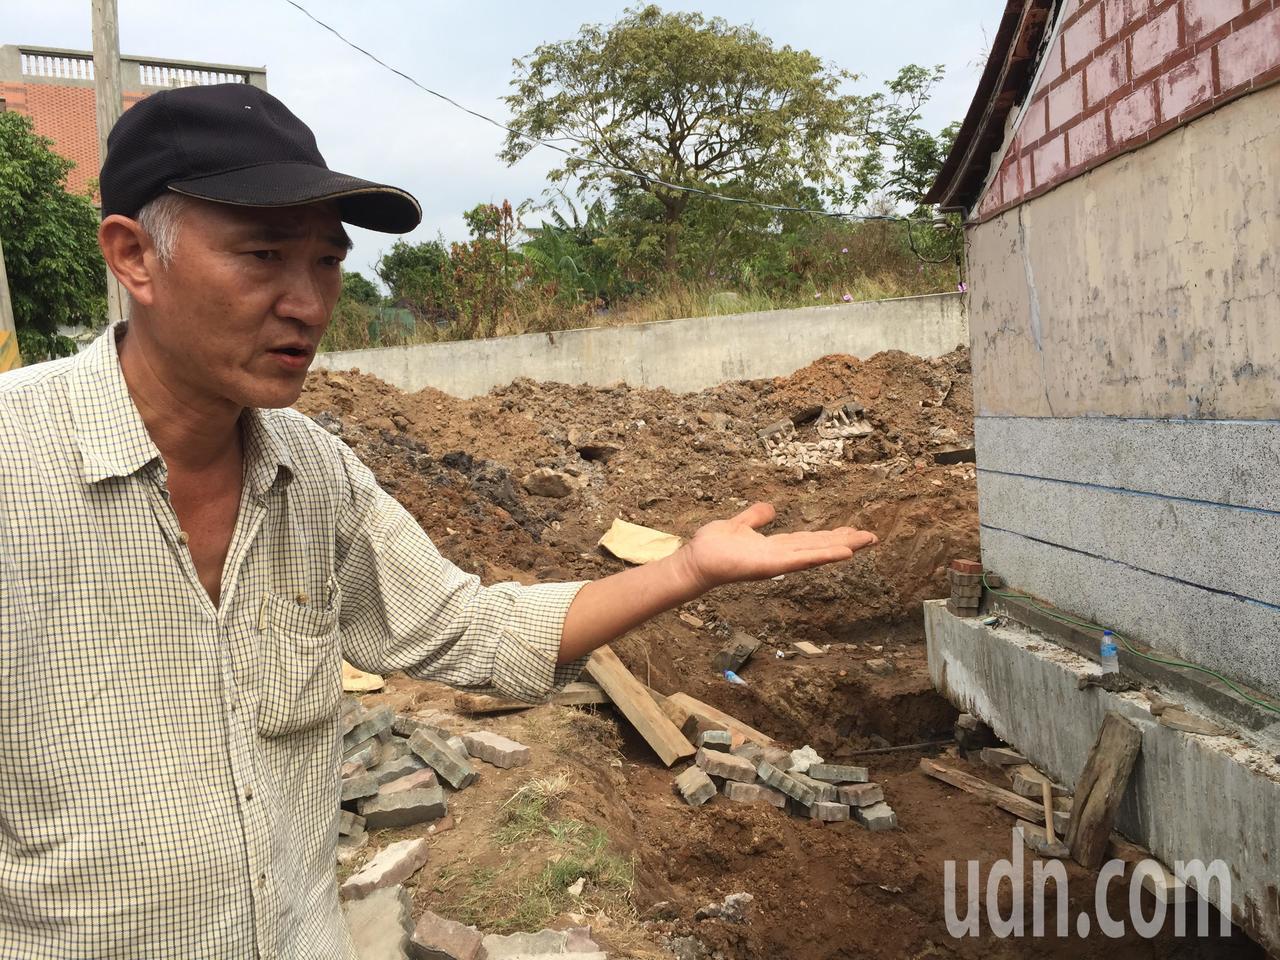 從事廟宇、房屋搬遷工程將近30年歷史的陳慶霖說明工法施做。記者蔡家蓁/攝影